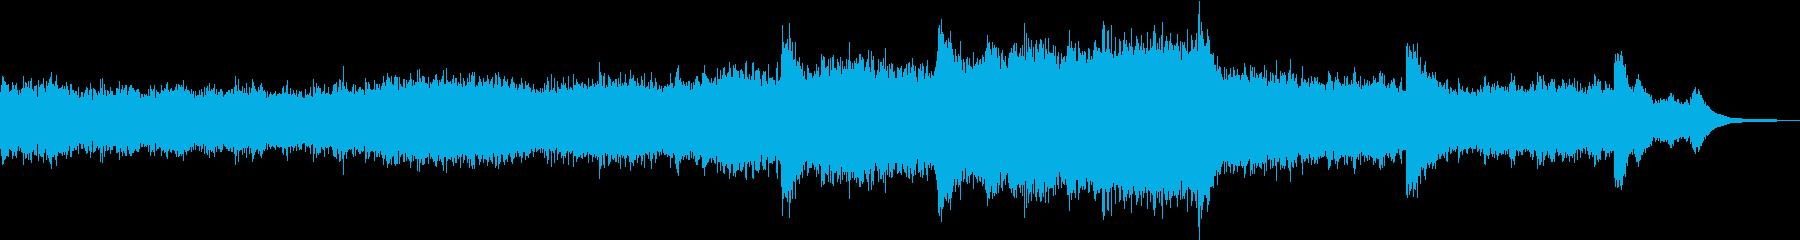 誕生までをイメージしたサウンドスケープの再生済みの波形